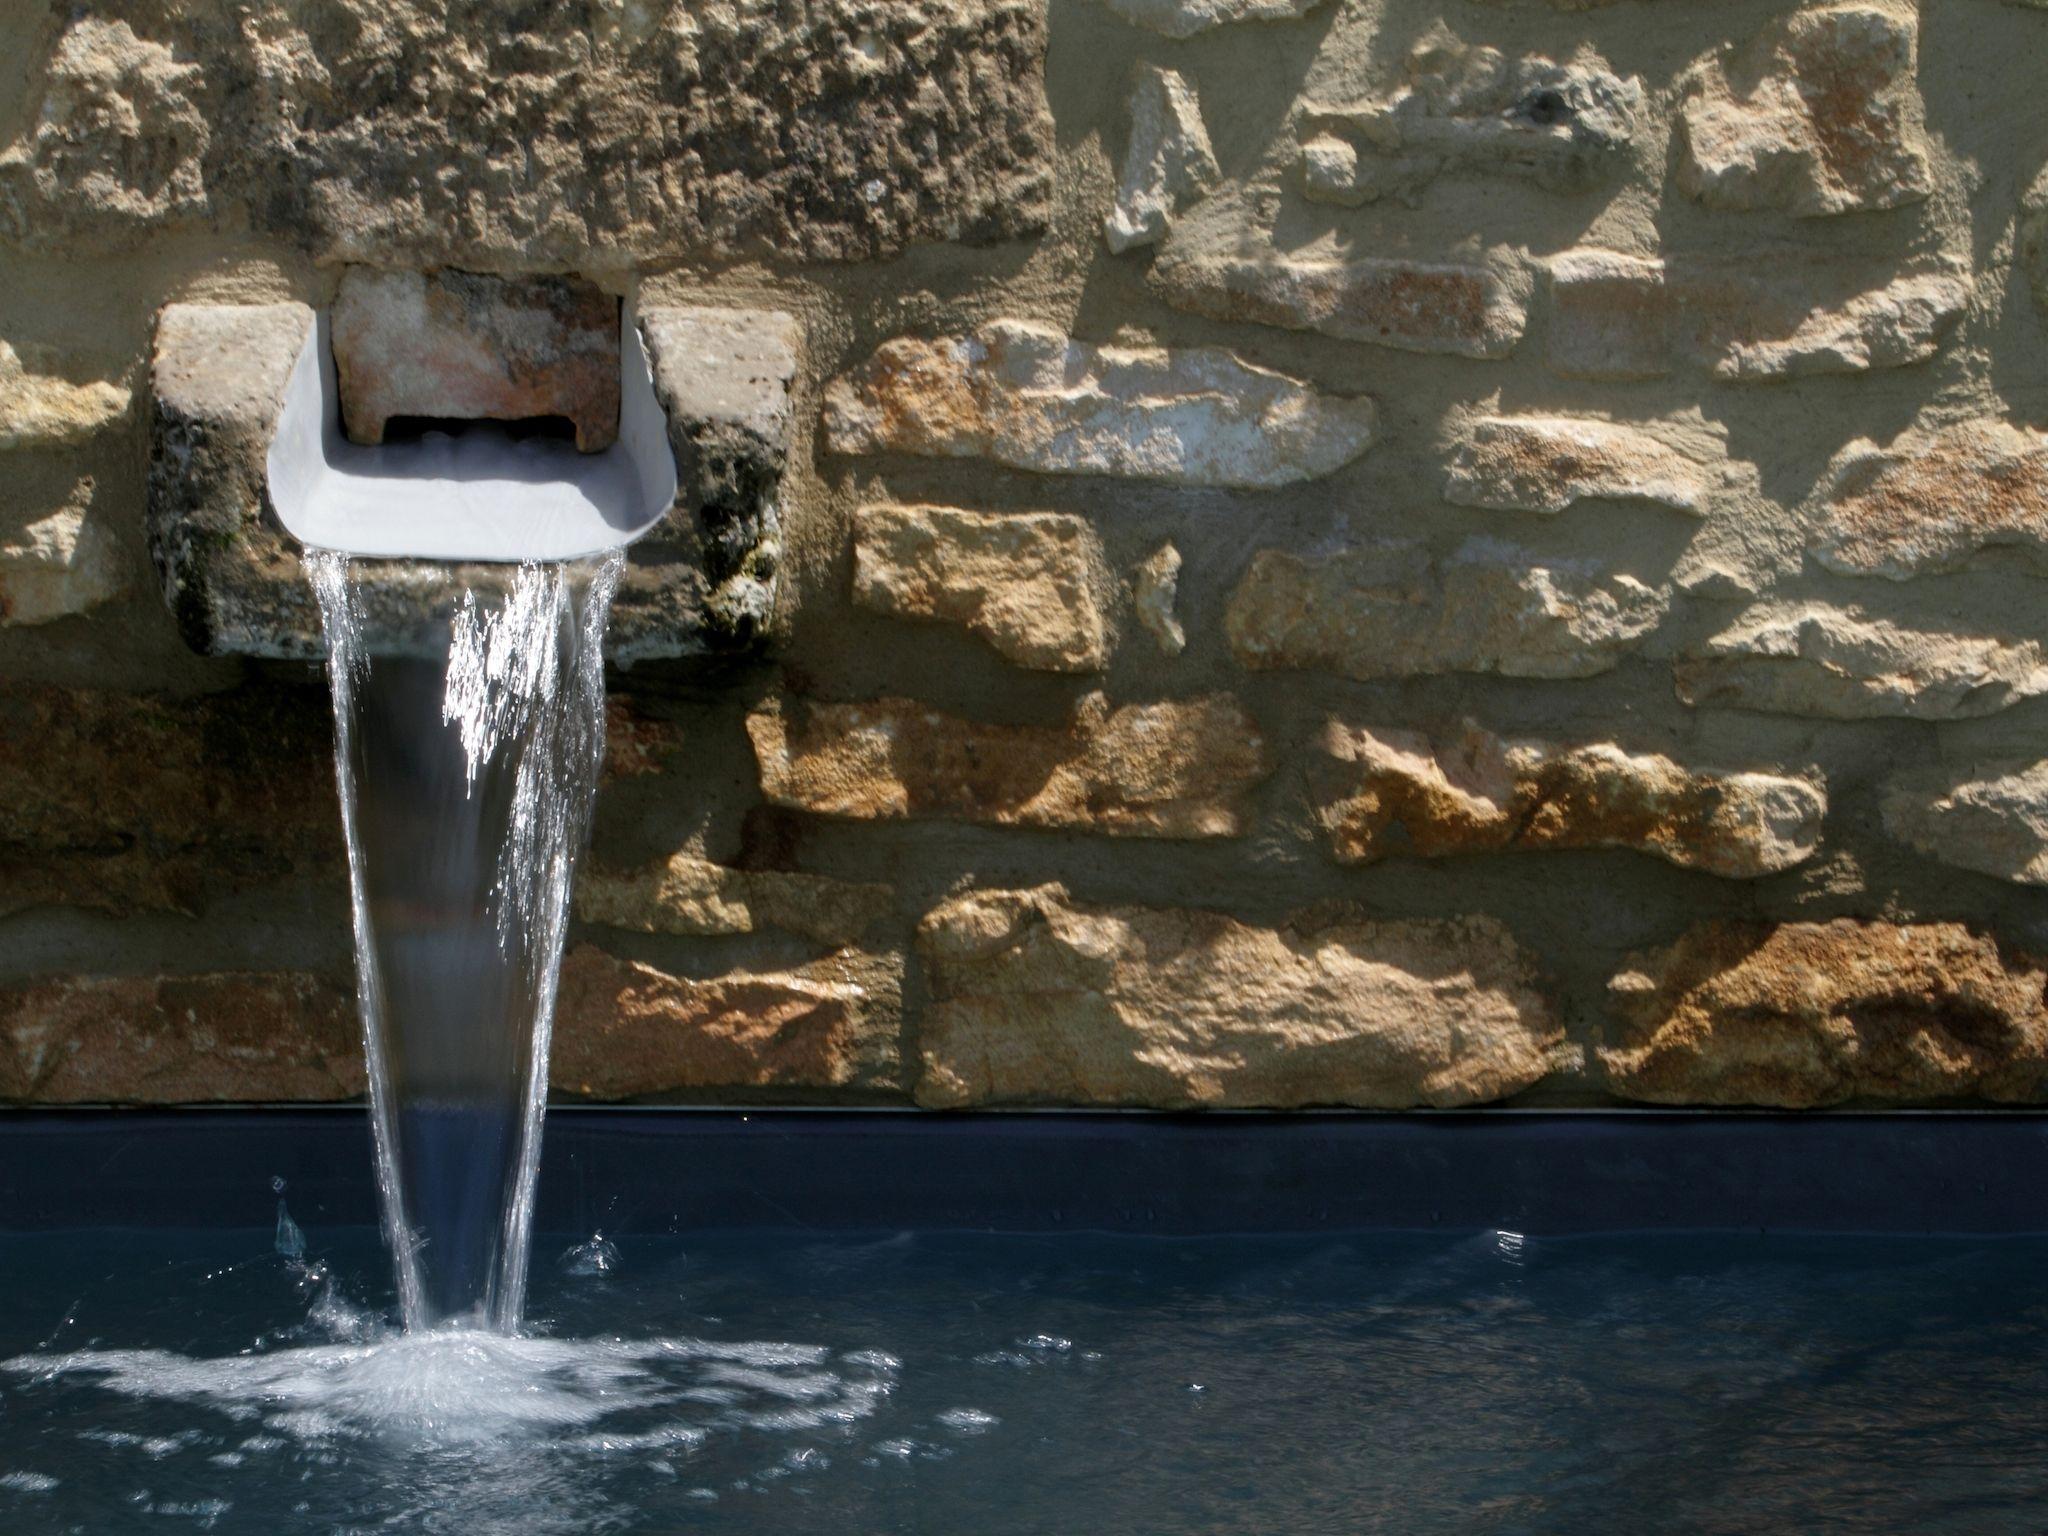 La citadine par l'esprit piscine 5 x 3,8 m Revêtement gris